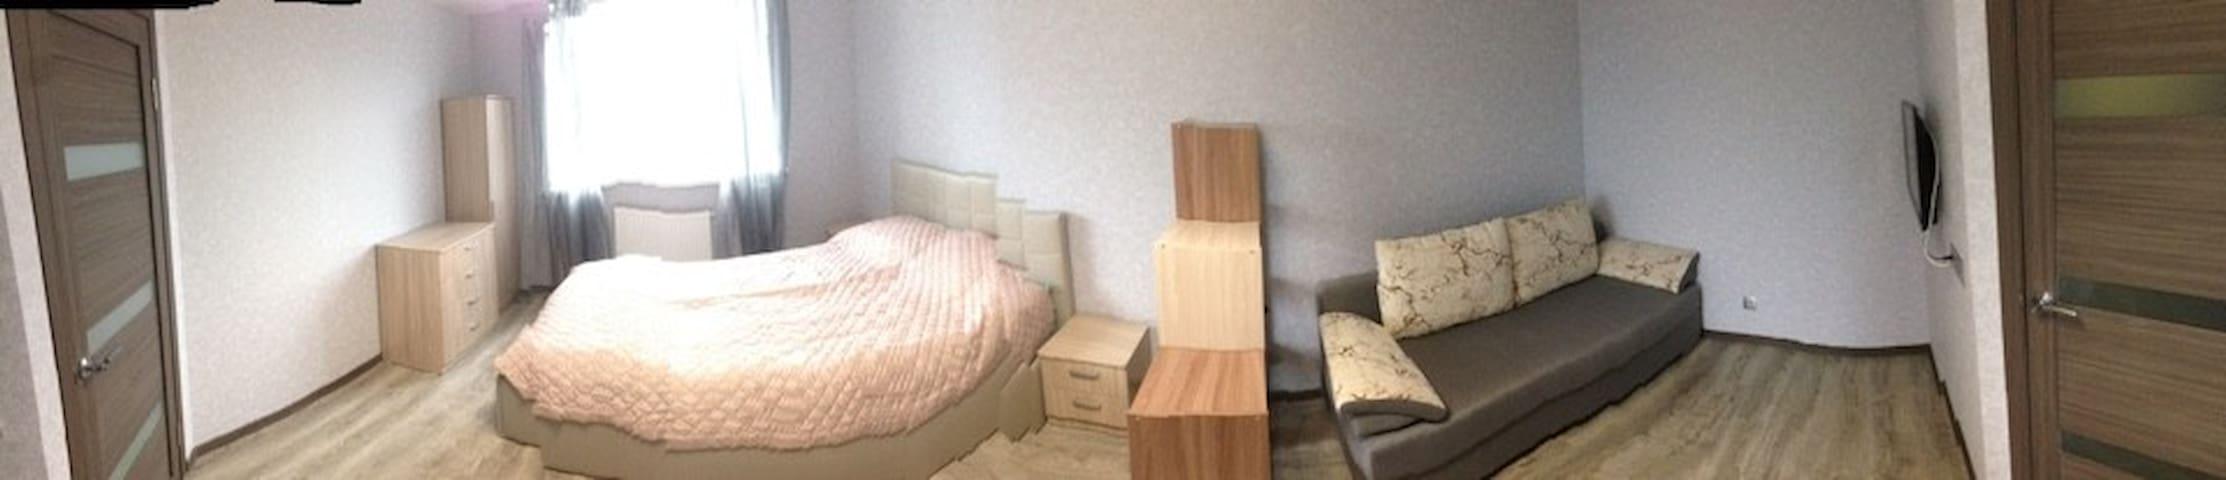 Апартаменты на Пулковском